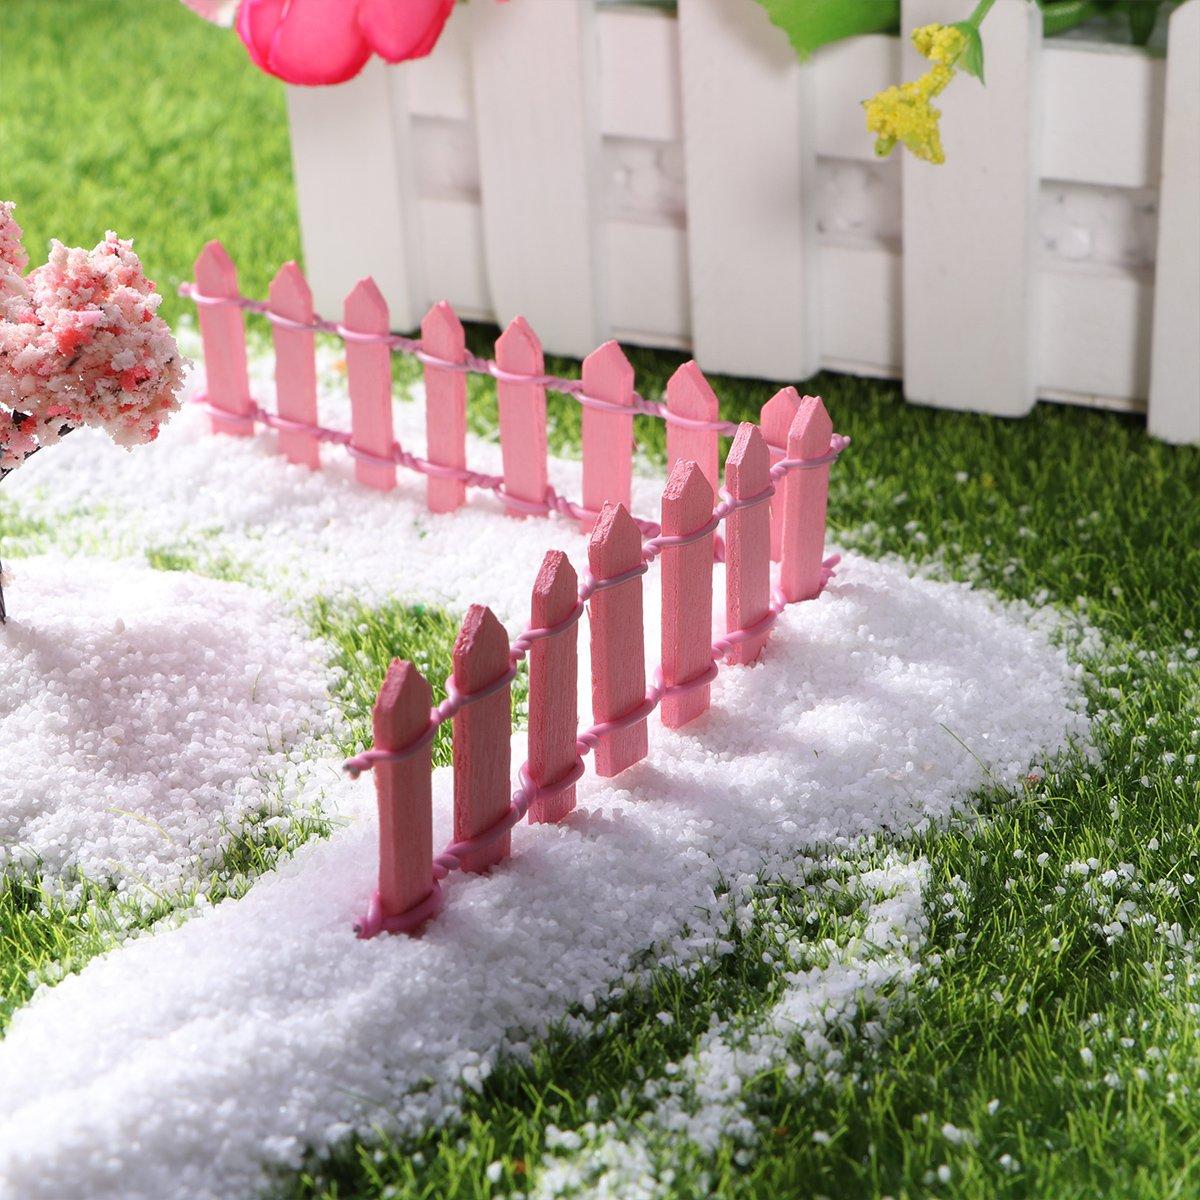 Rosa SUPVOX Cerca de piquete de Madera Adorno de jard/ín en Miniatura Jard/ín de macetas Casa de mu/ñecas Decoraciones artesanales de Bricolaje